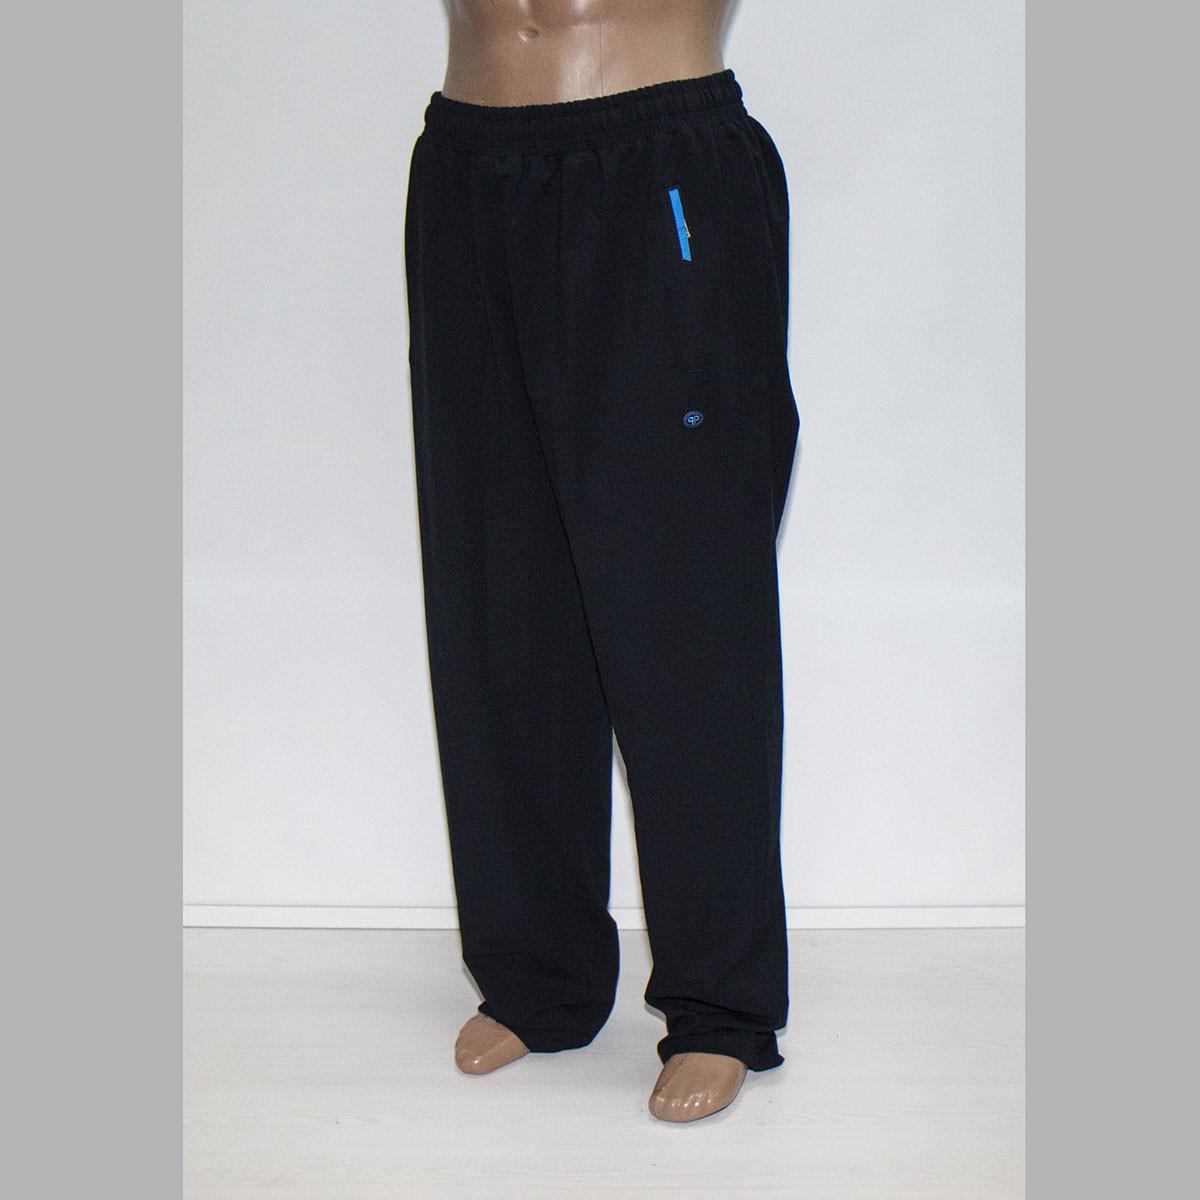 Мужские спортивные штаны Батал производство Турция тм. PIYERA 152G